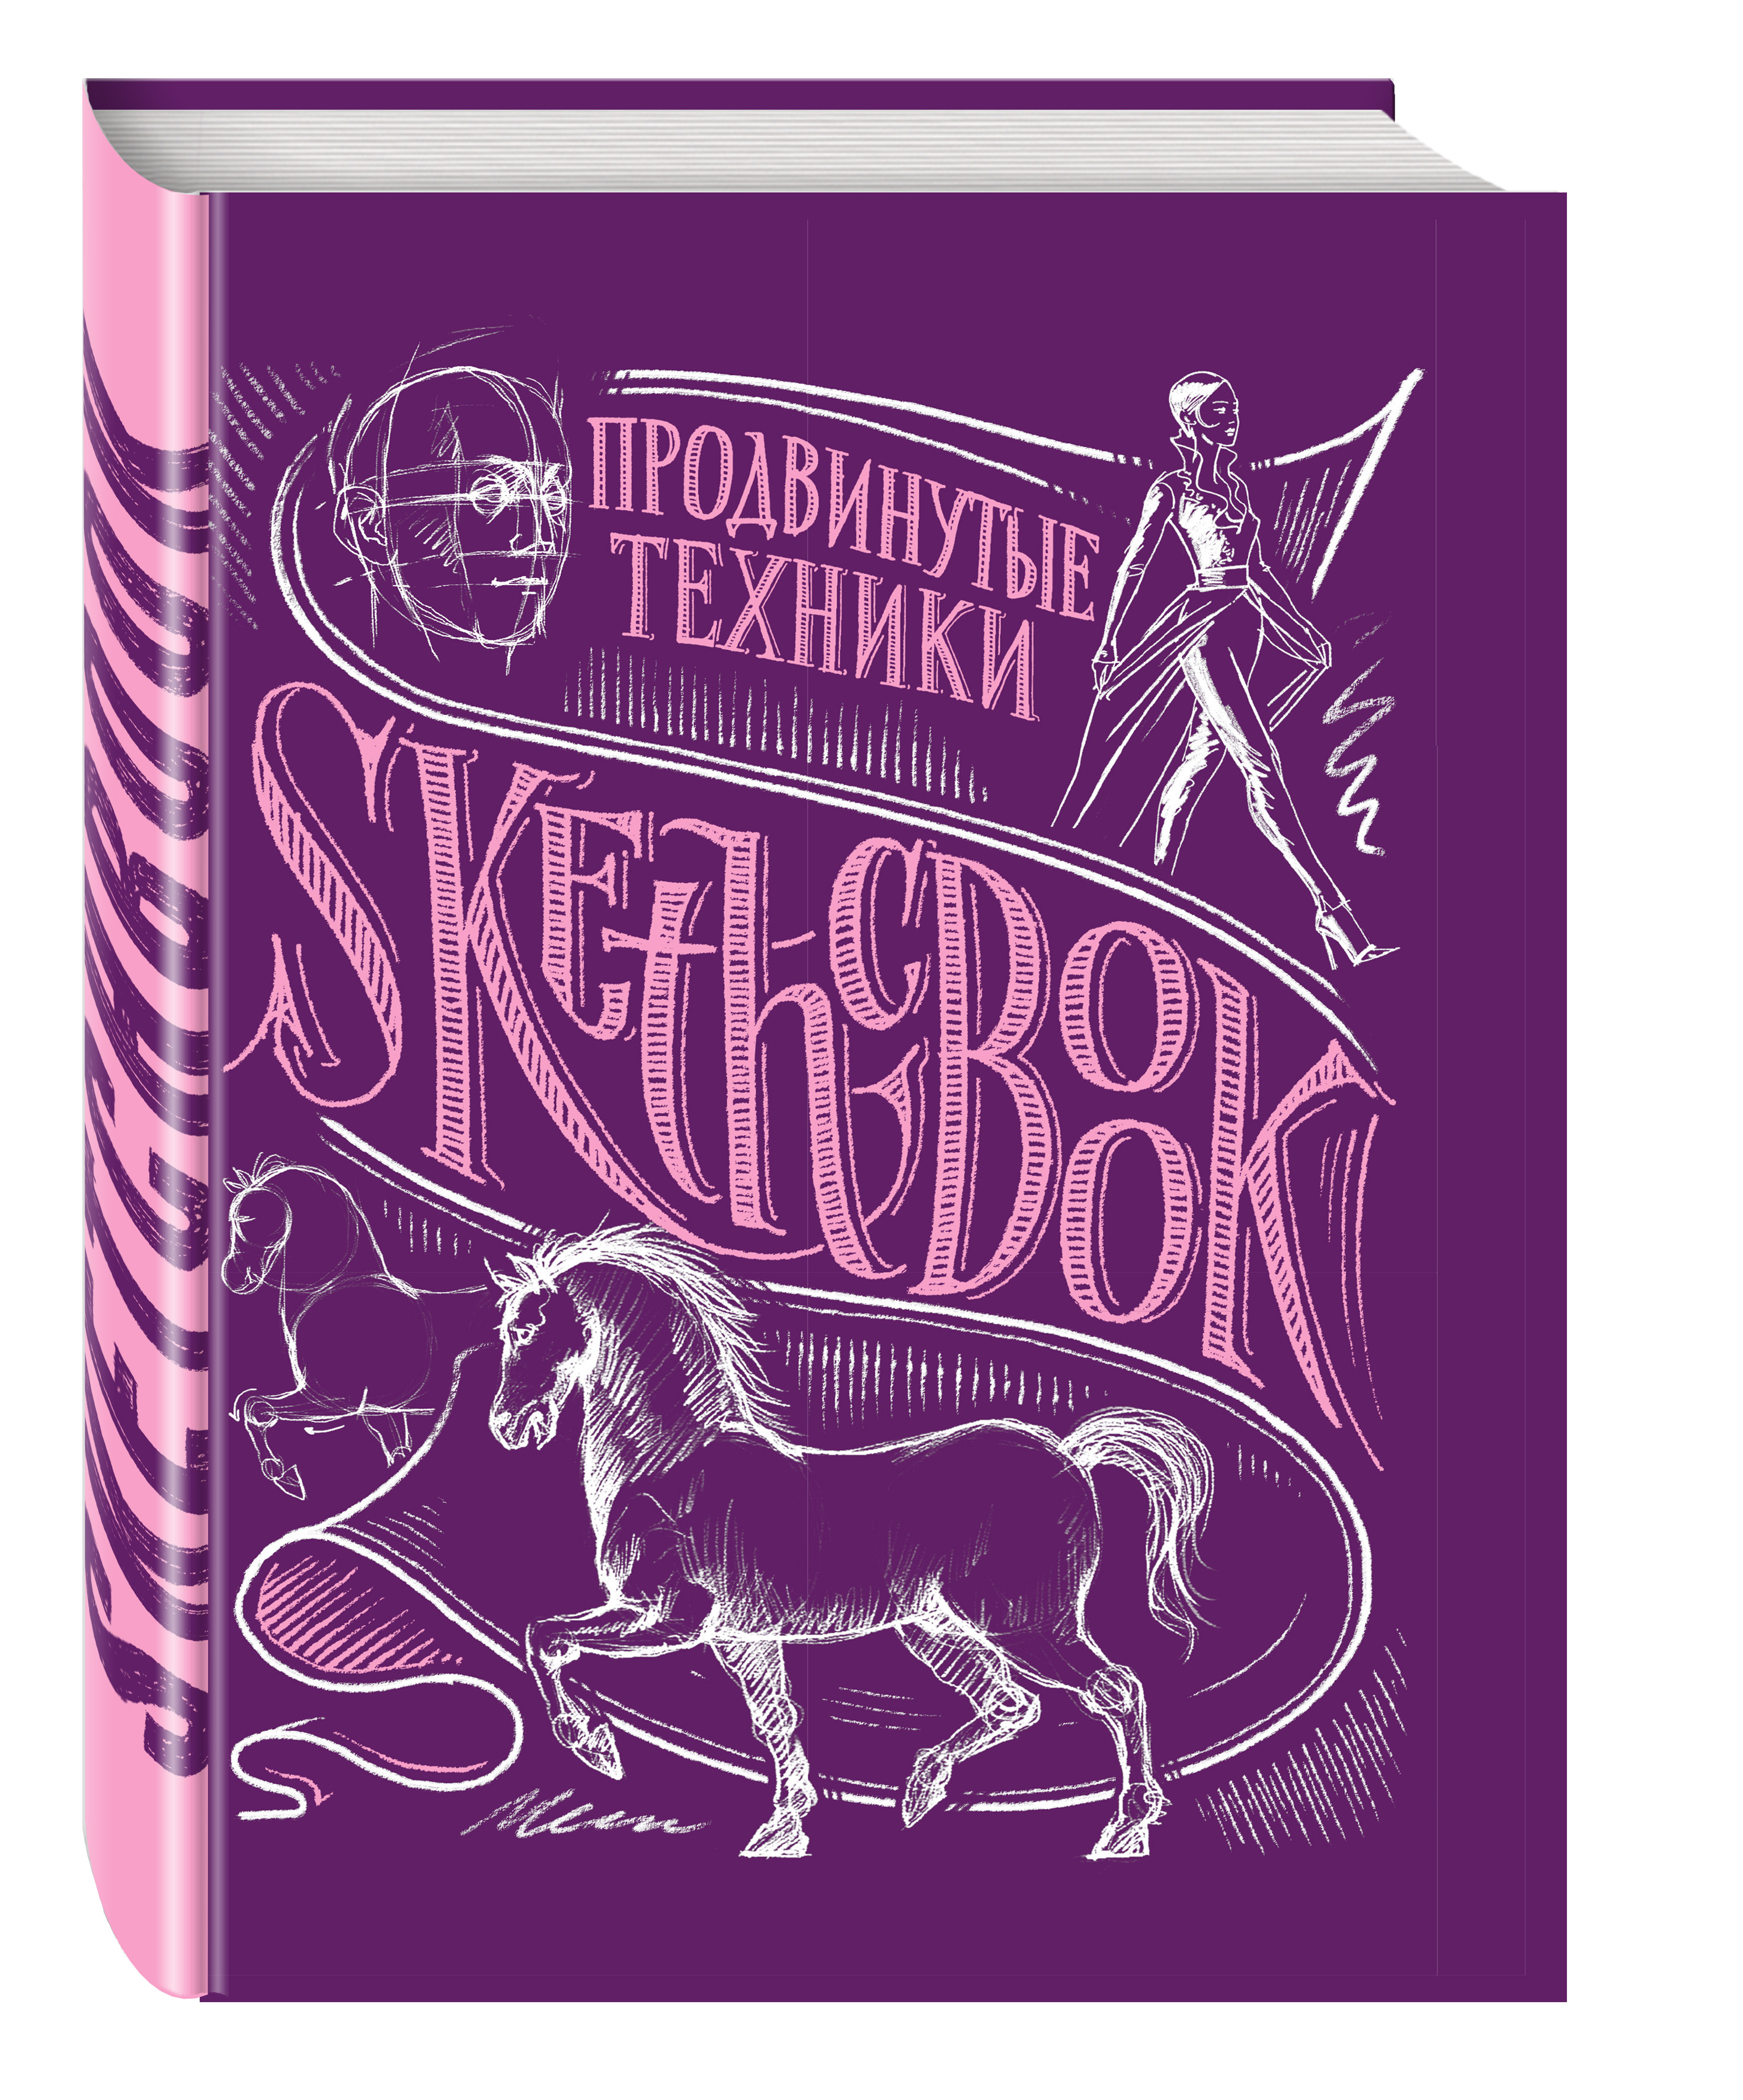 Фото #1: SketchBook. Продвинутые техники (пурпур)